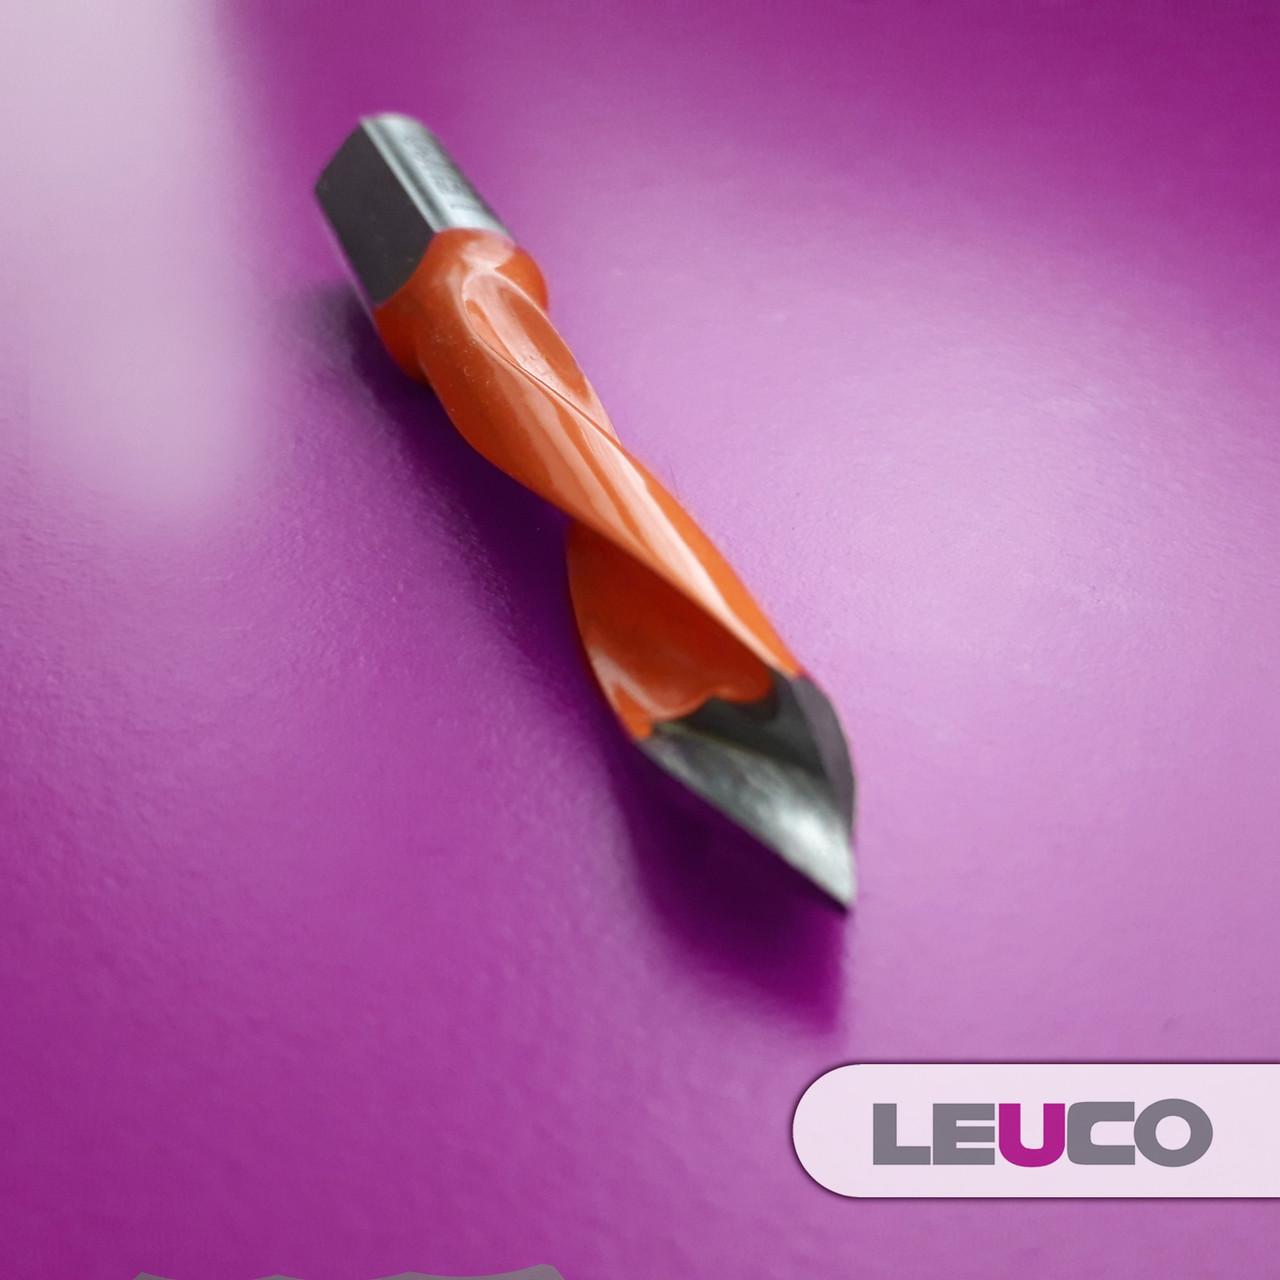 Сверло для сквозных отверстий Leuco EcoLine с наконечником из твердого сплава 8x70x44x10 (левое)